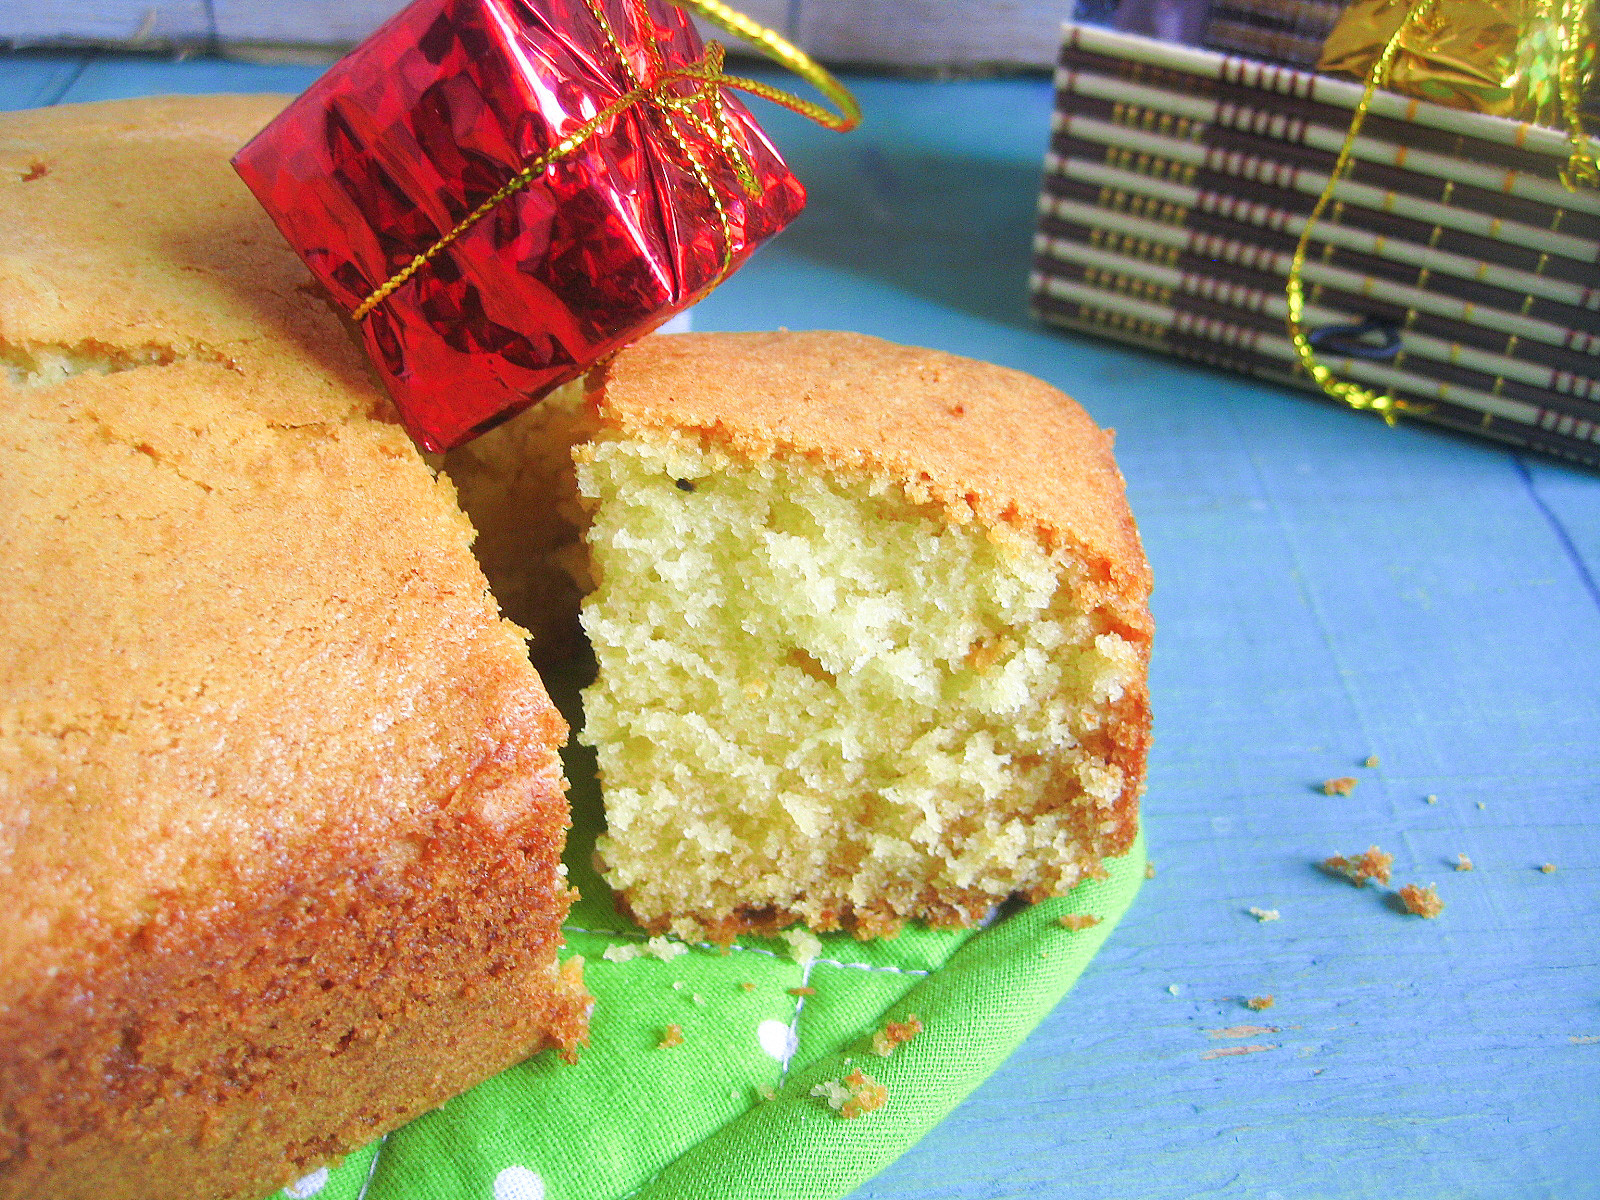 Sponge Cake Recipe From Scratch  madhuri s kitchen Easy vanilla cake recipe from scratch